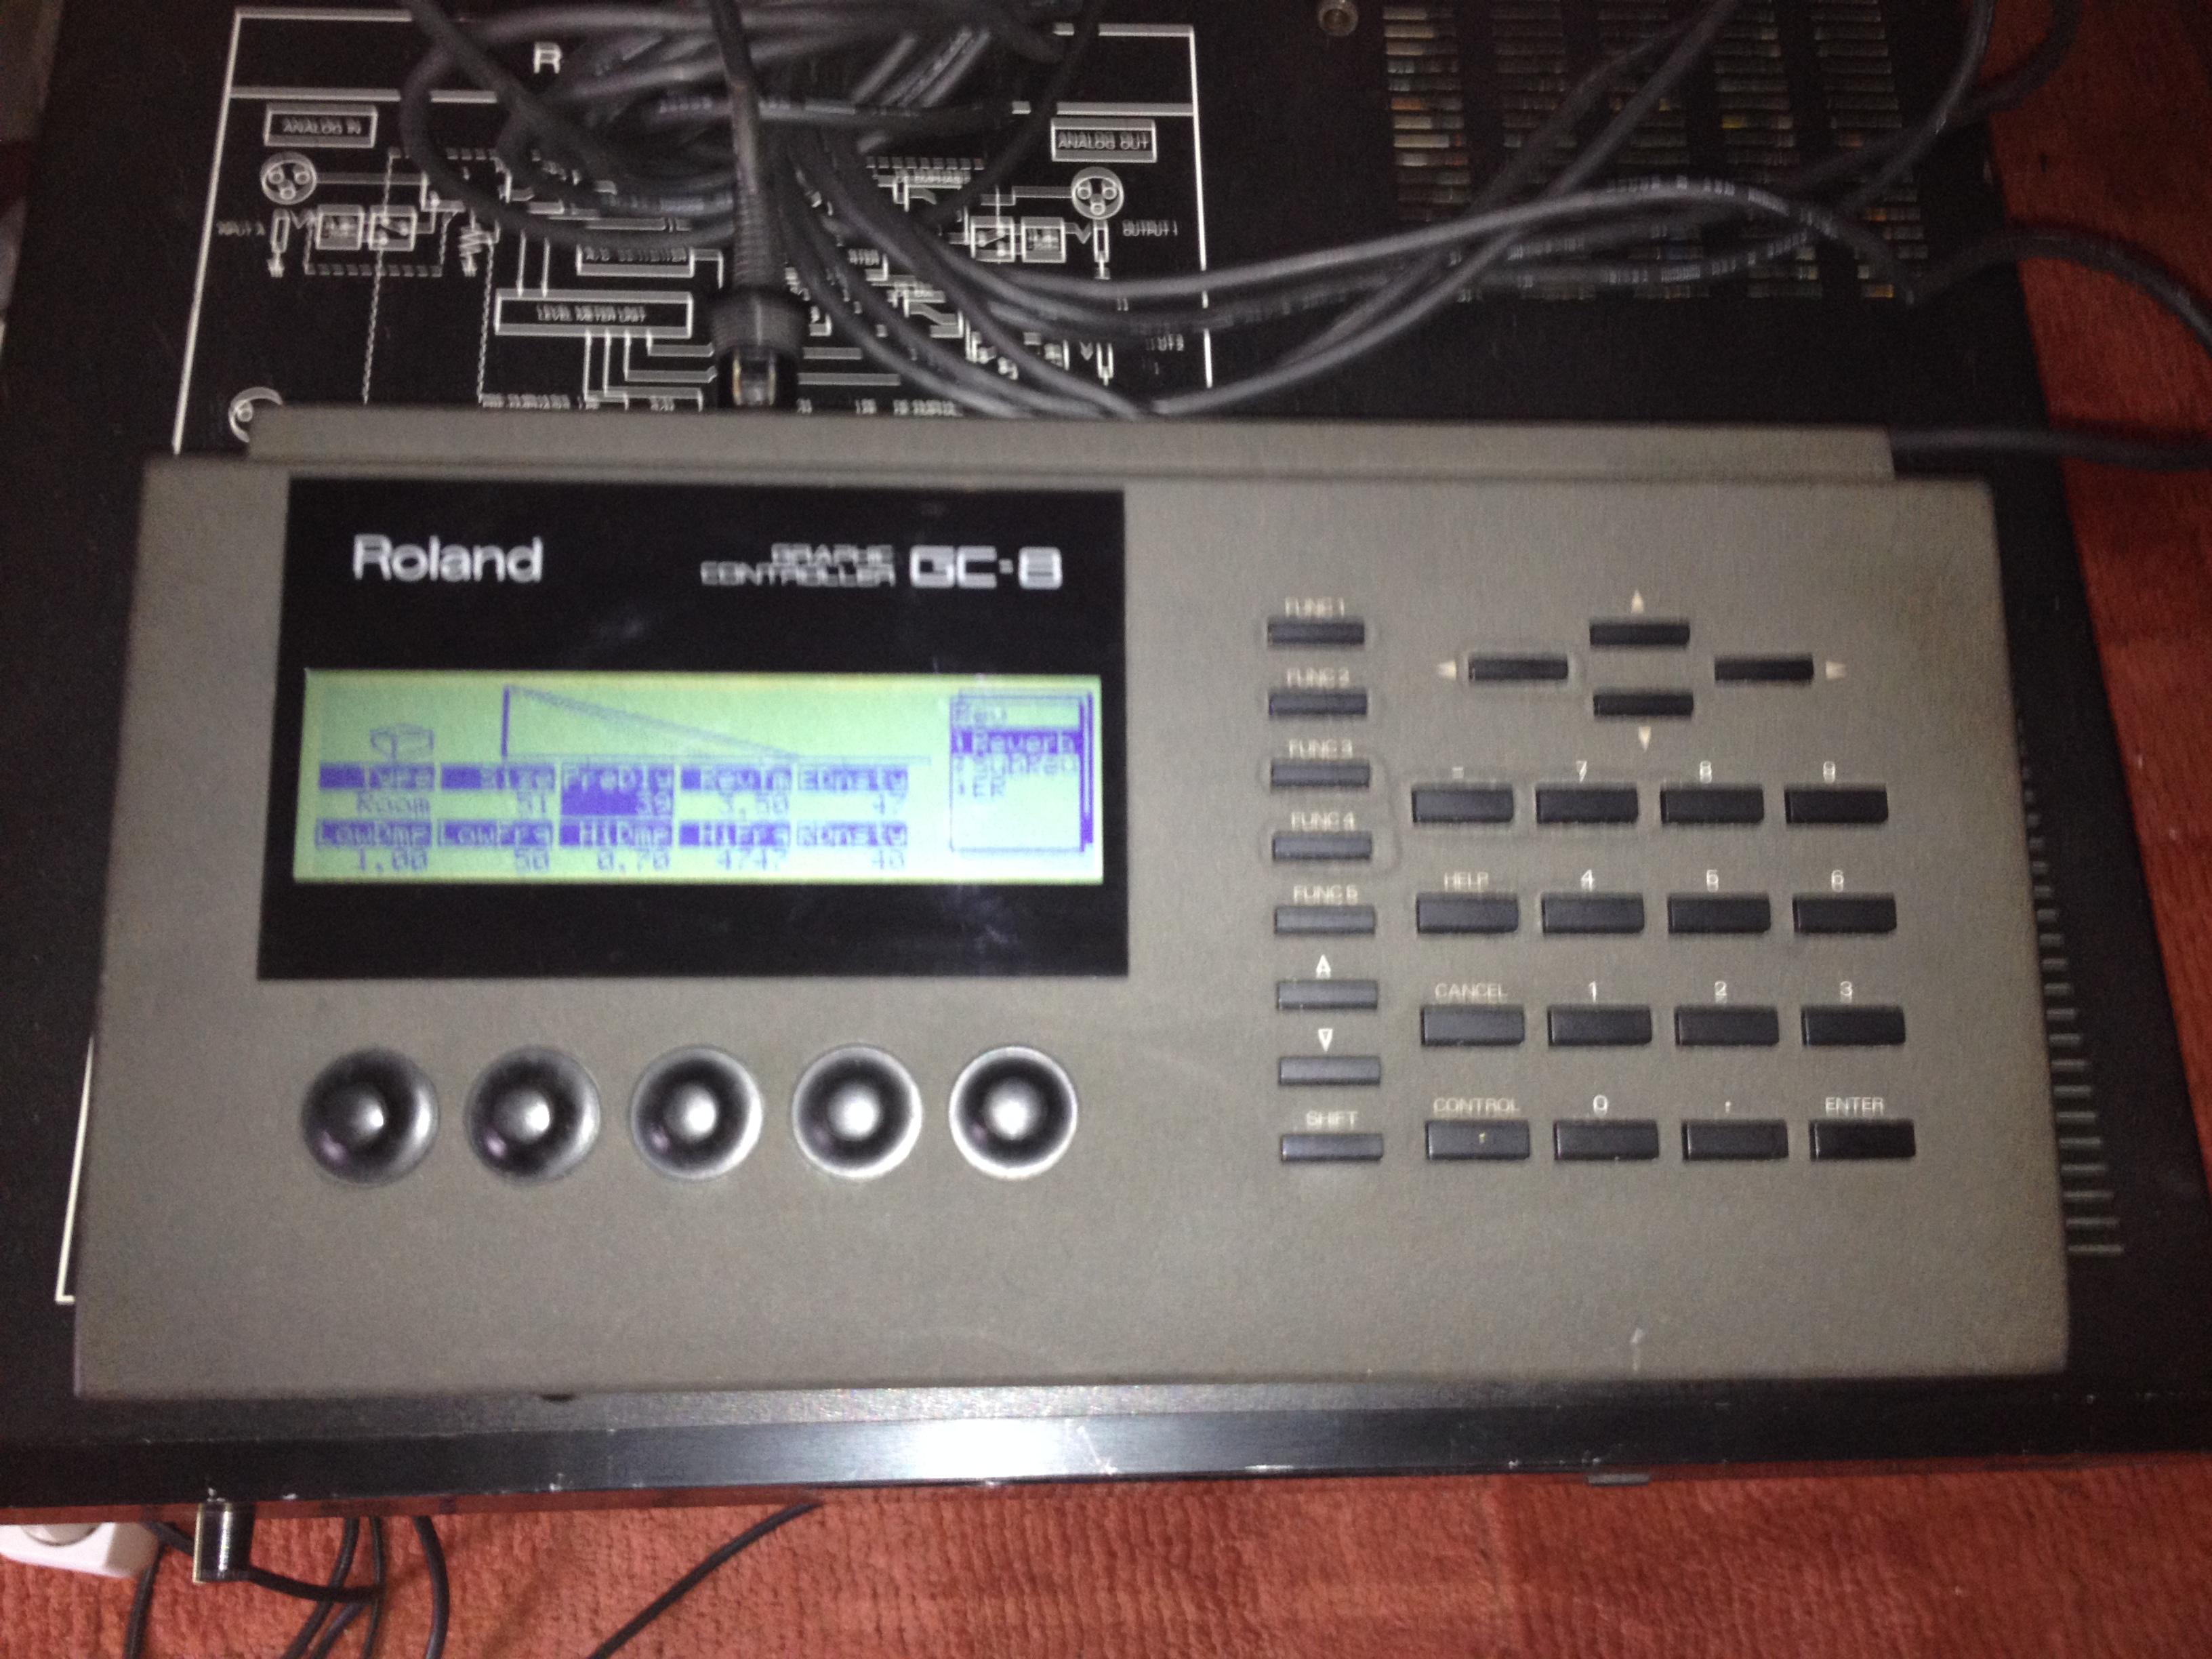 roland r 880 image 1122260 audiofanzine rh en audiofanzine com Piano Roland 880 Roland vs 880 Ex